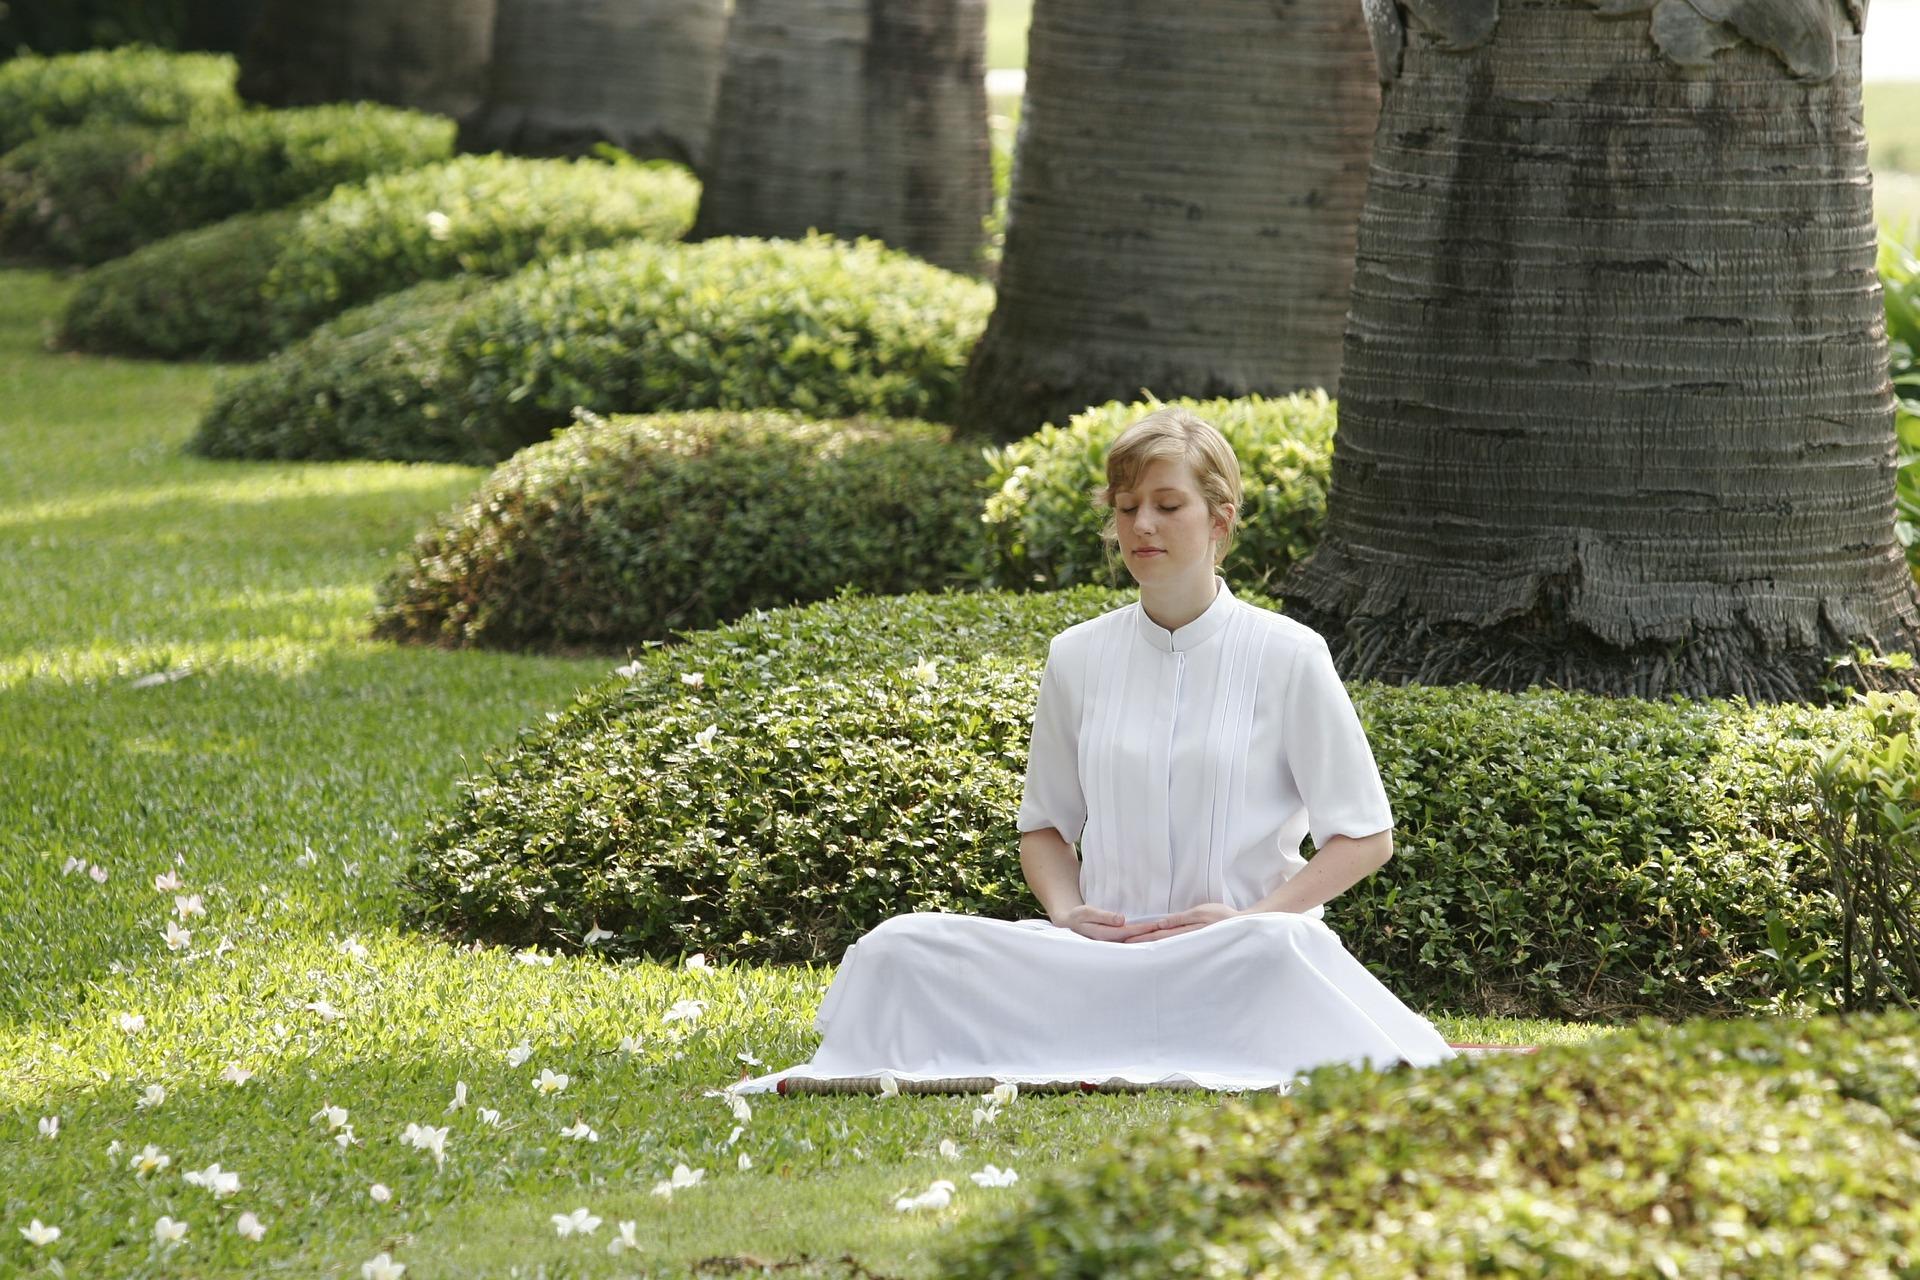 Mnozí lidé vypovídají, že díky meditaci a jiným duchovním cvičením se jim podařilo z rakoviny vyléčit (Public Domain)